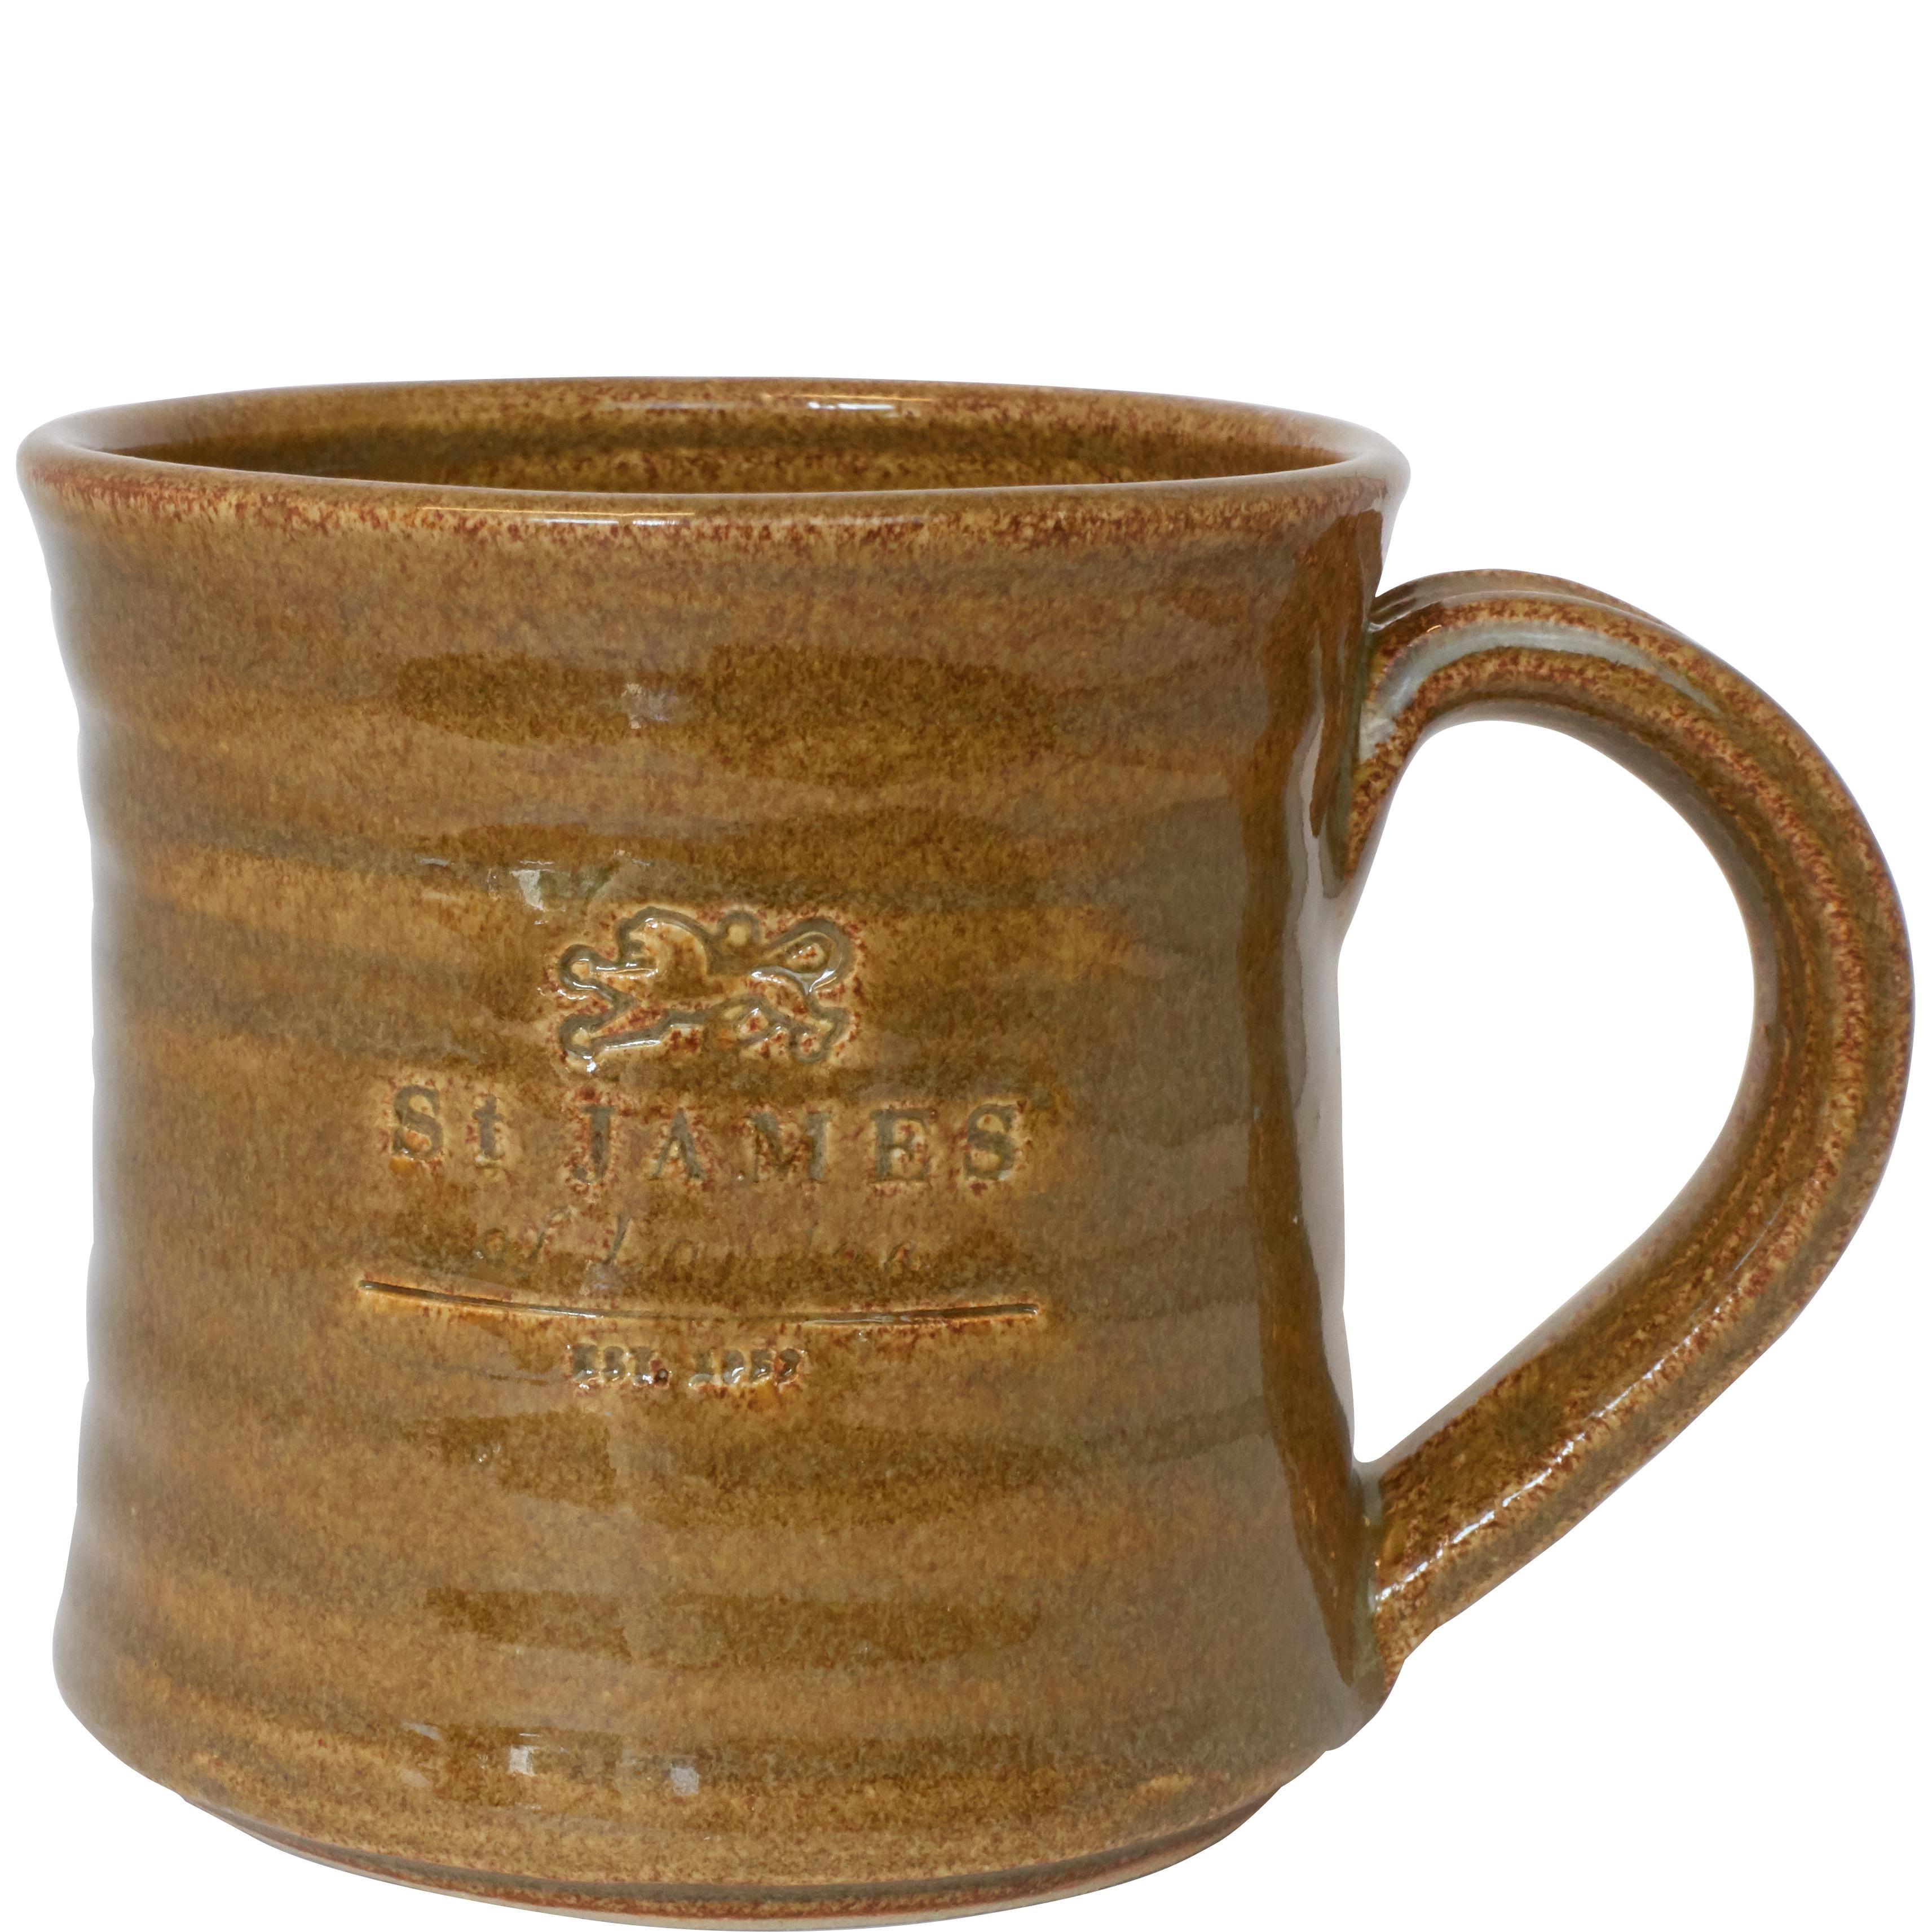 Scheermok - Pewter Mug